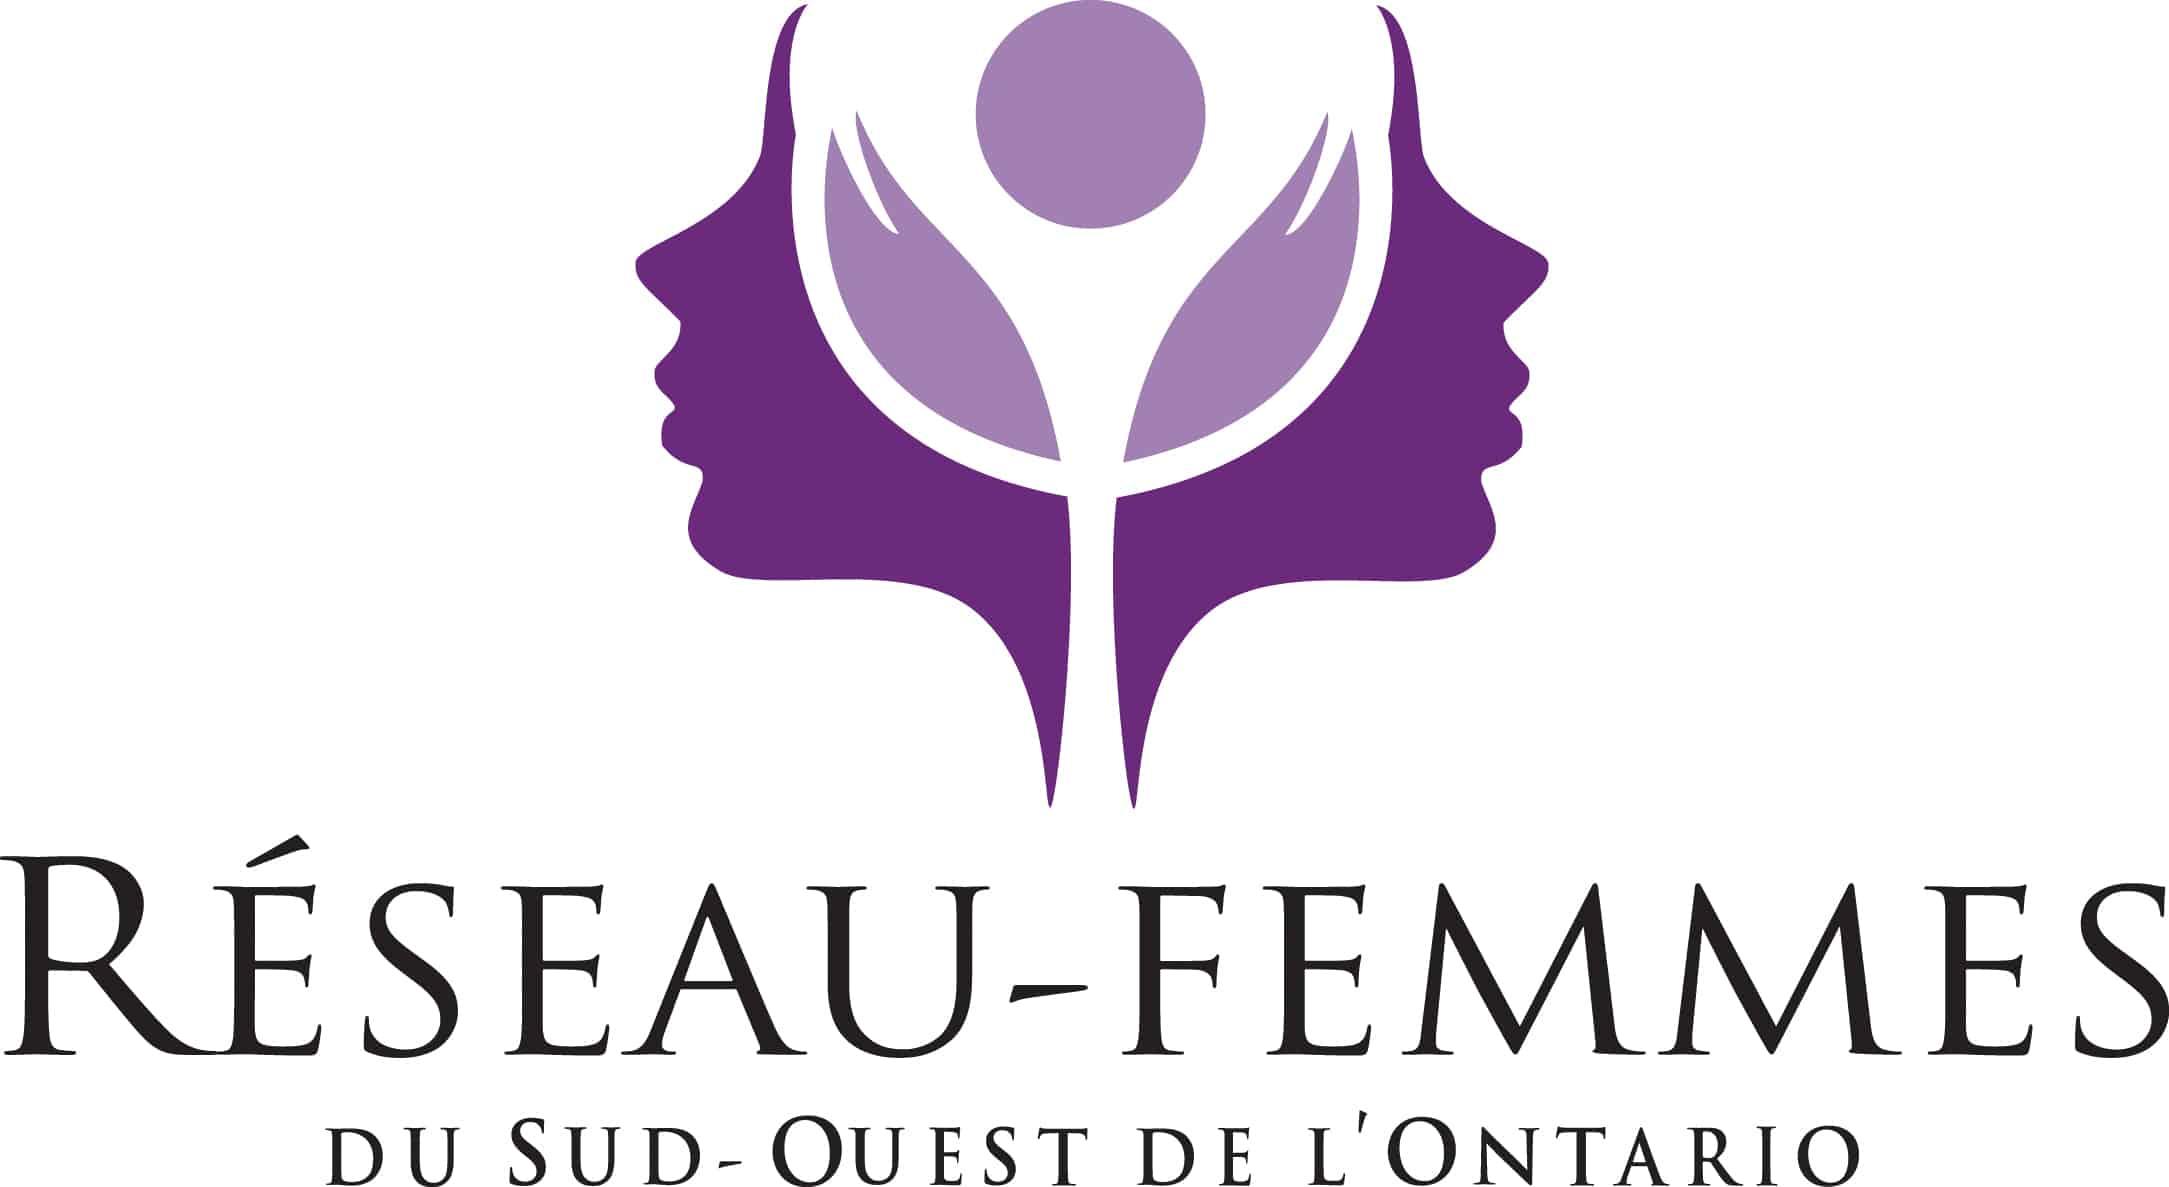 Réseau femmes soo logo